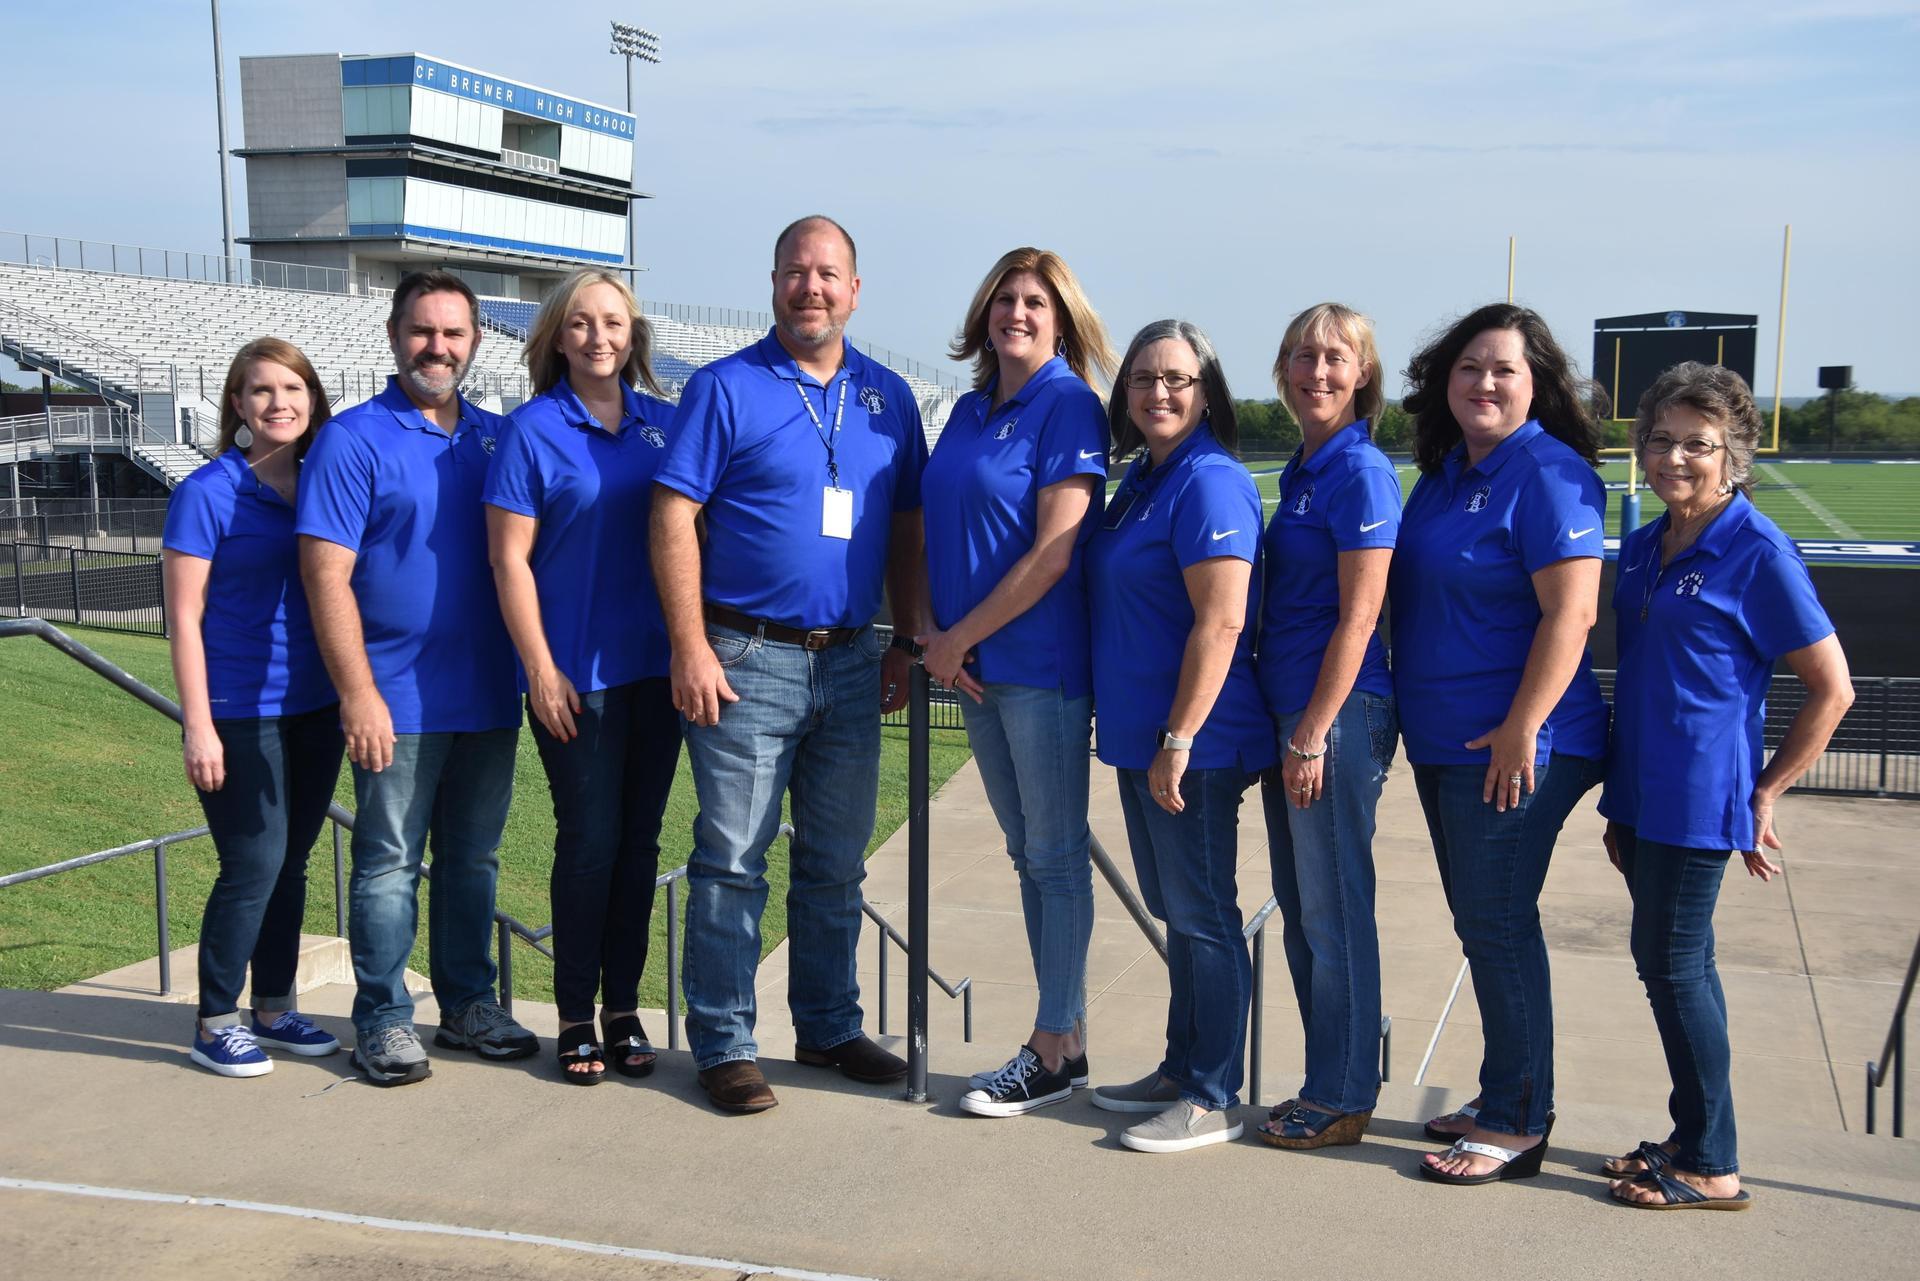 Curriculum Department Staff Photo